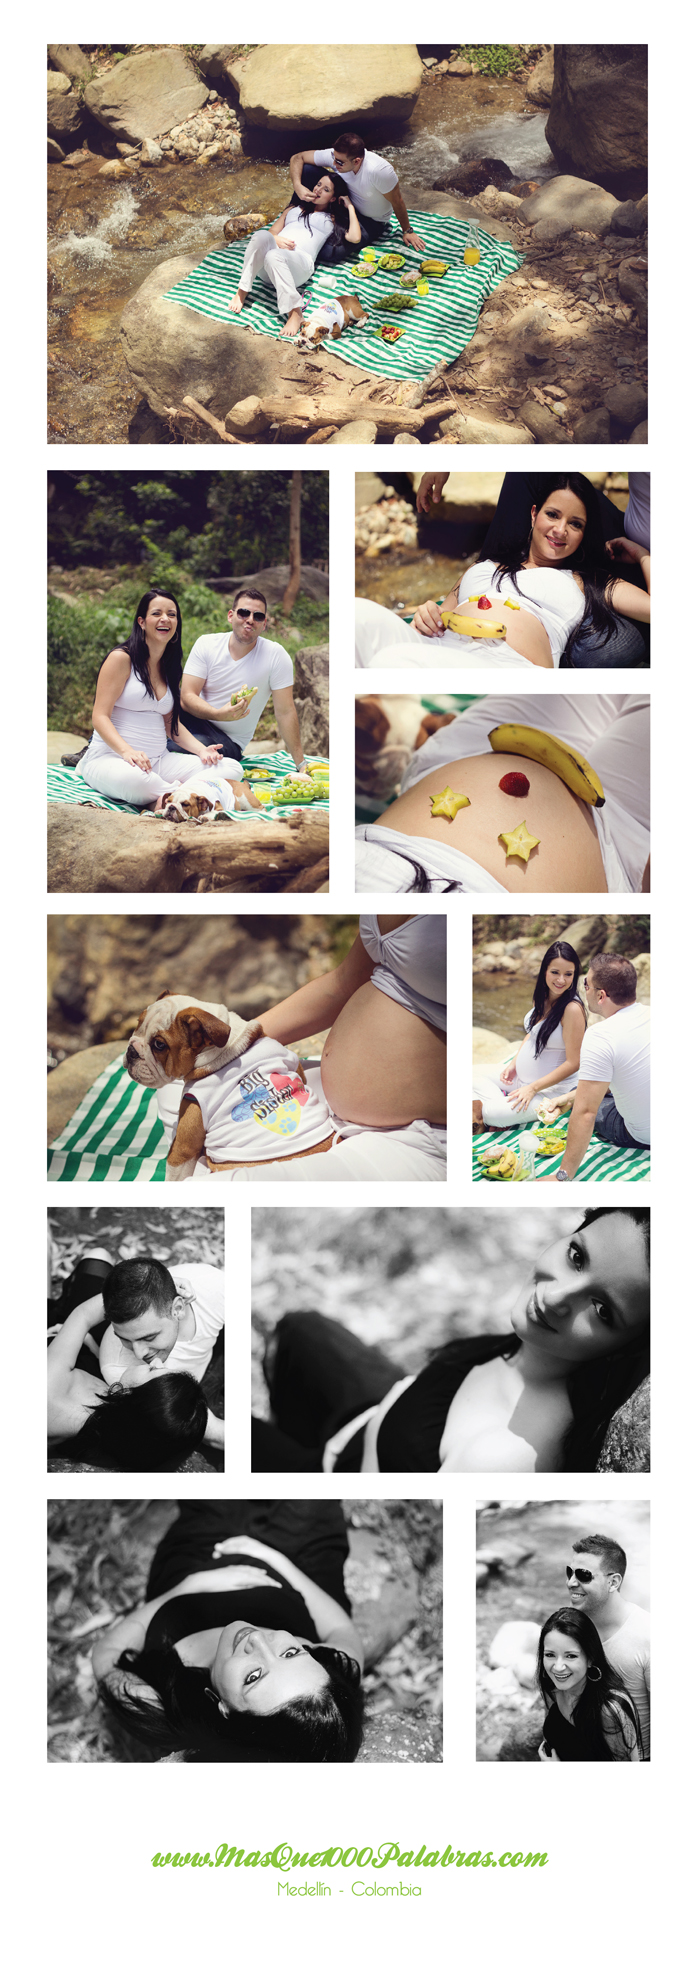 Picnic embarazadas medellin